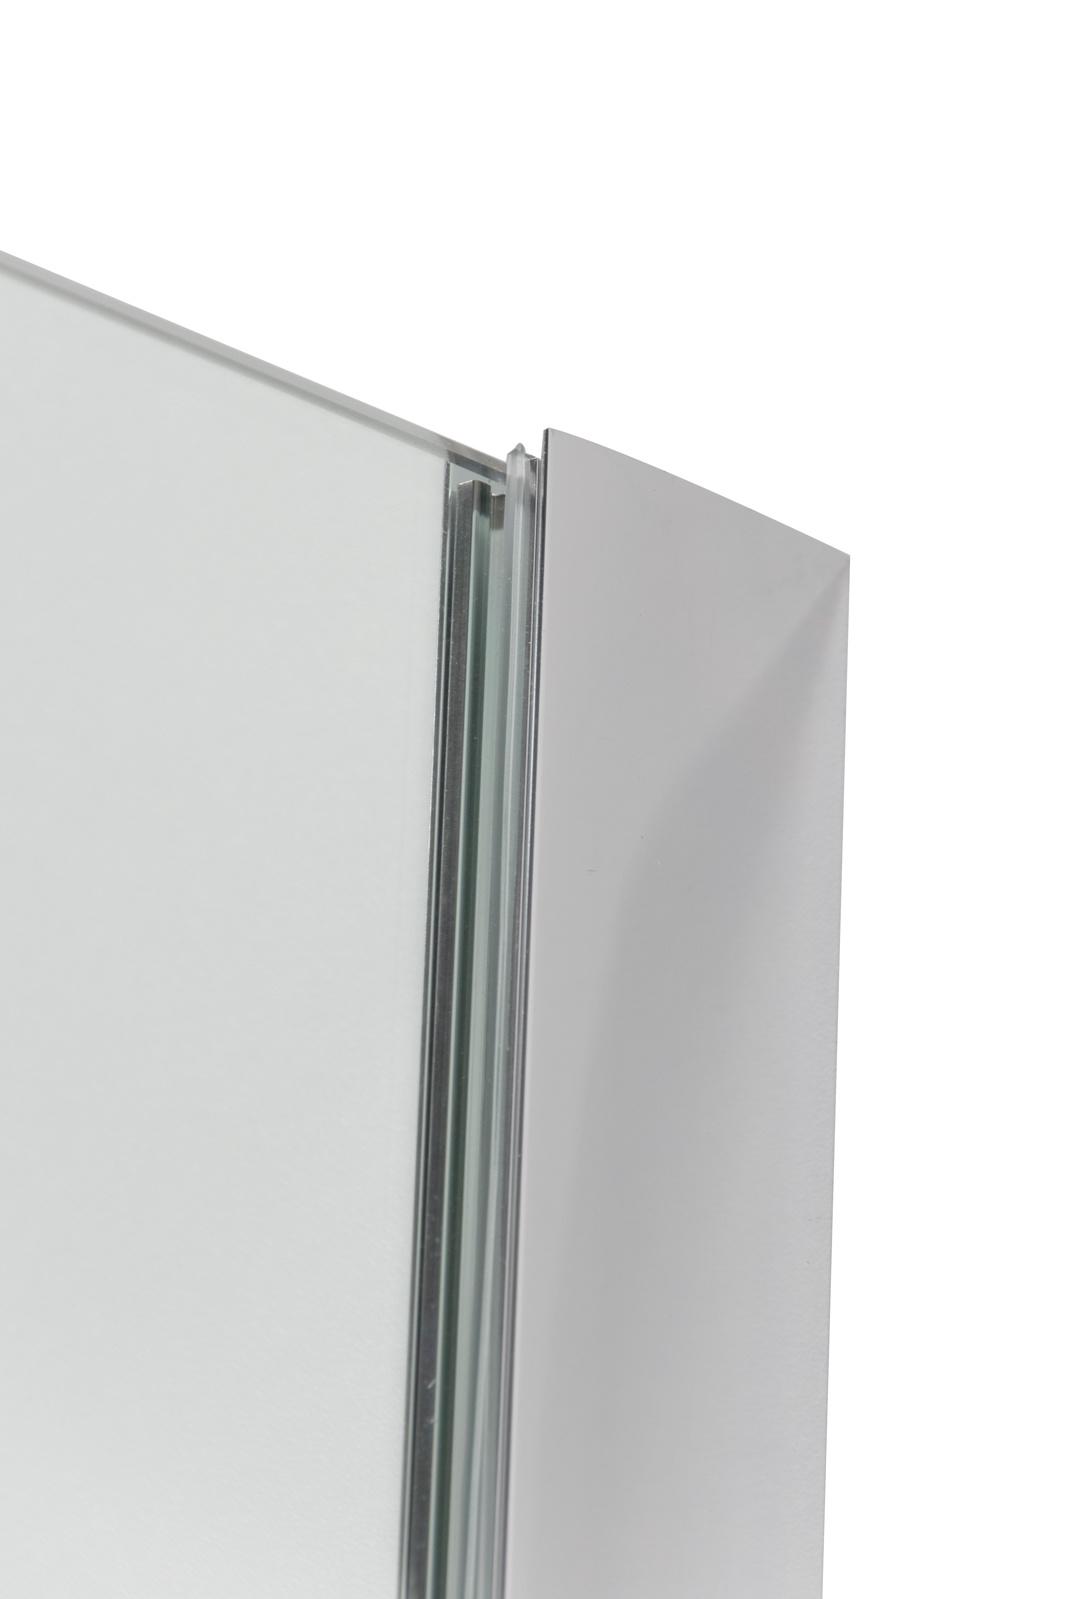 Inloopdouche Linea Uno 110 x 200 cm